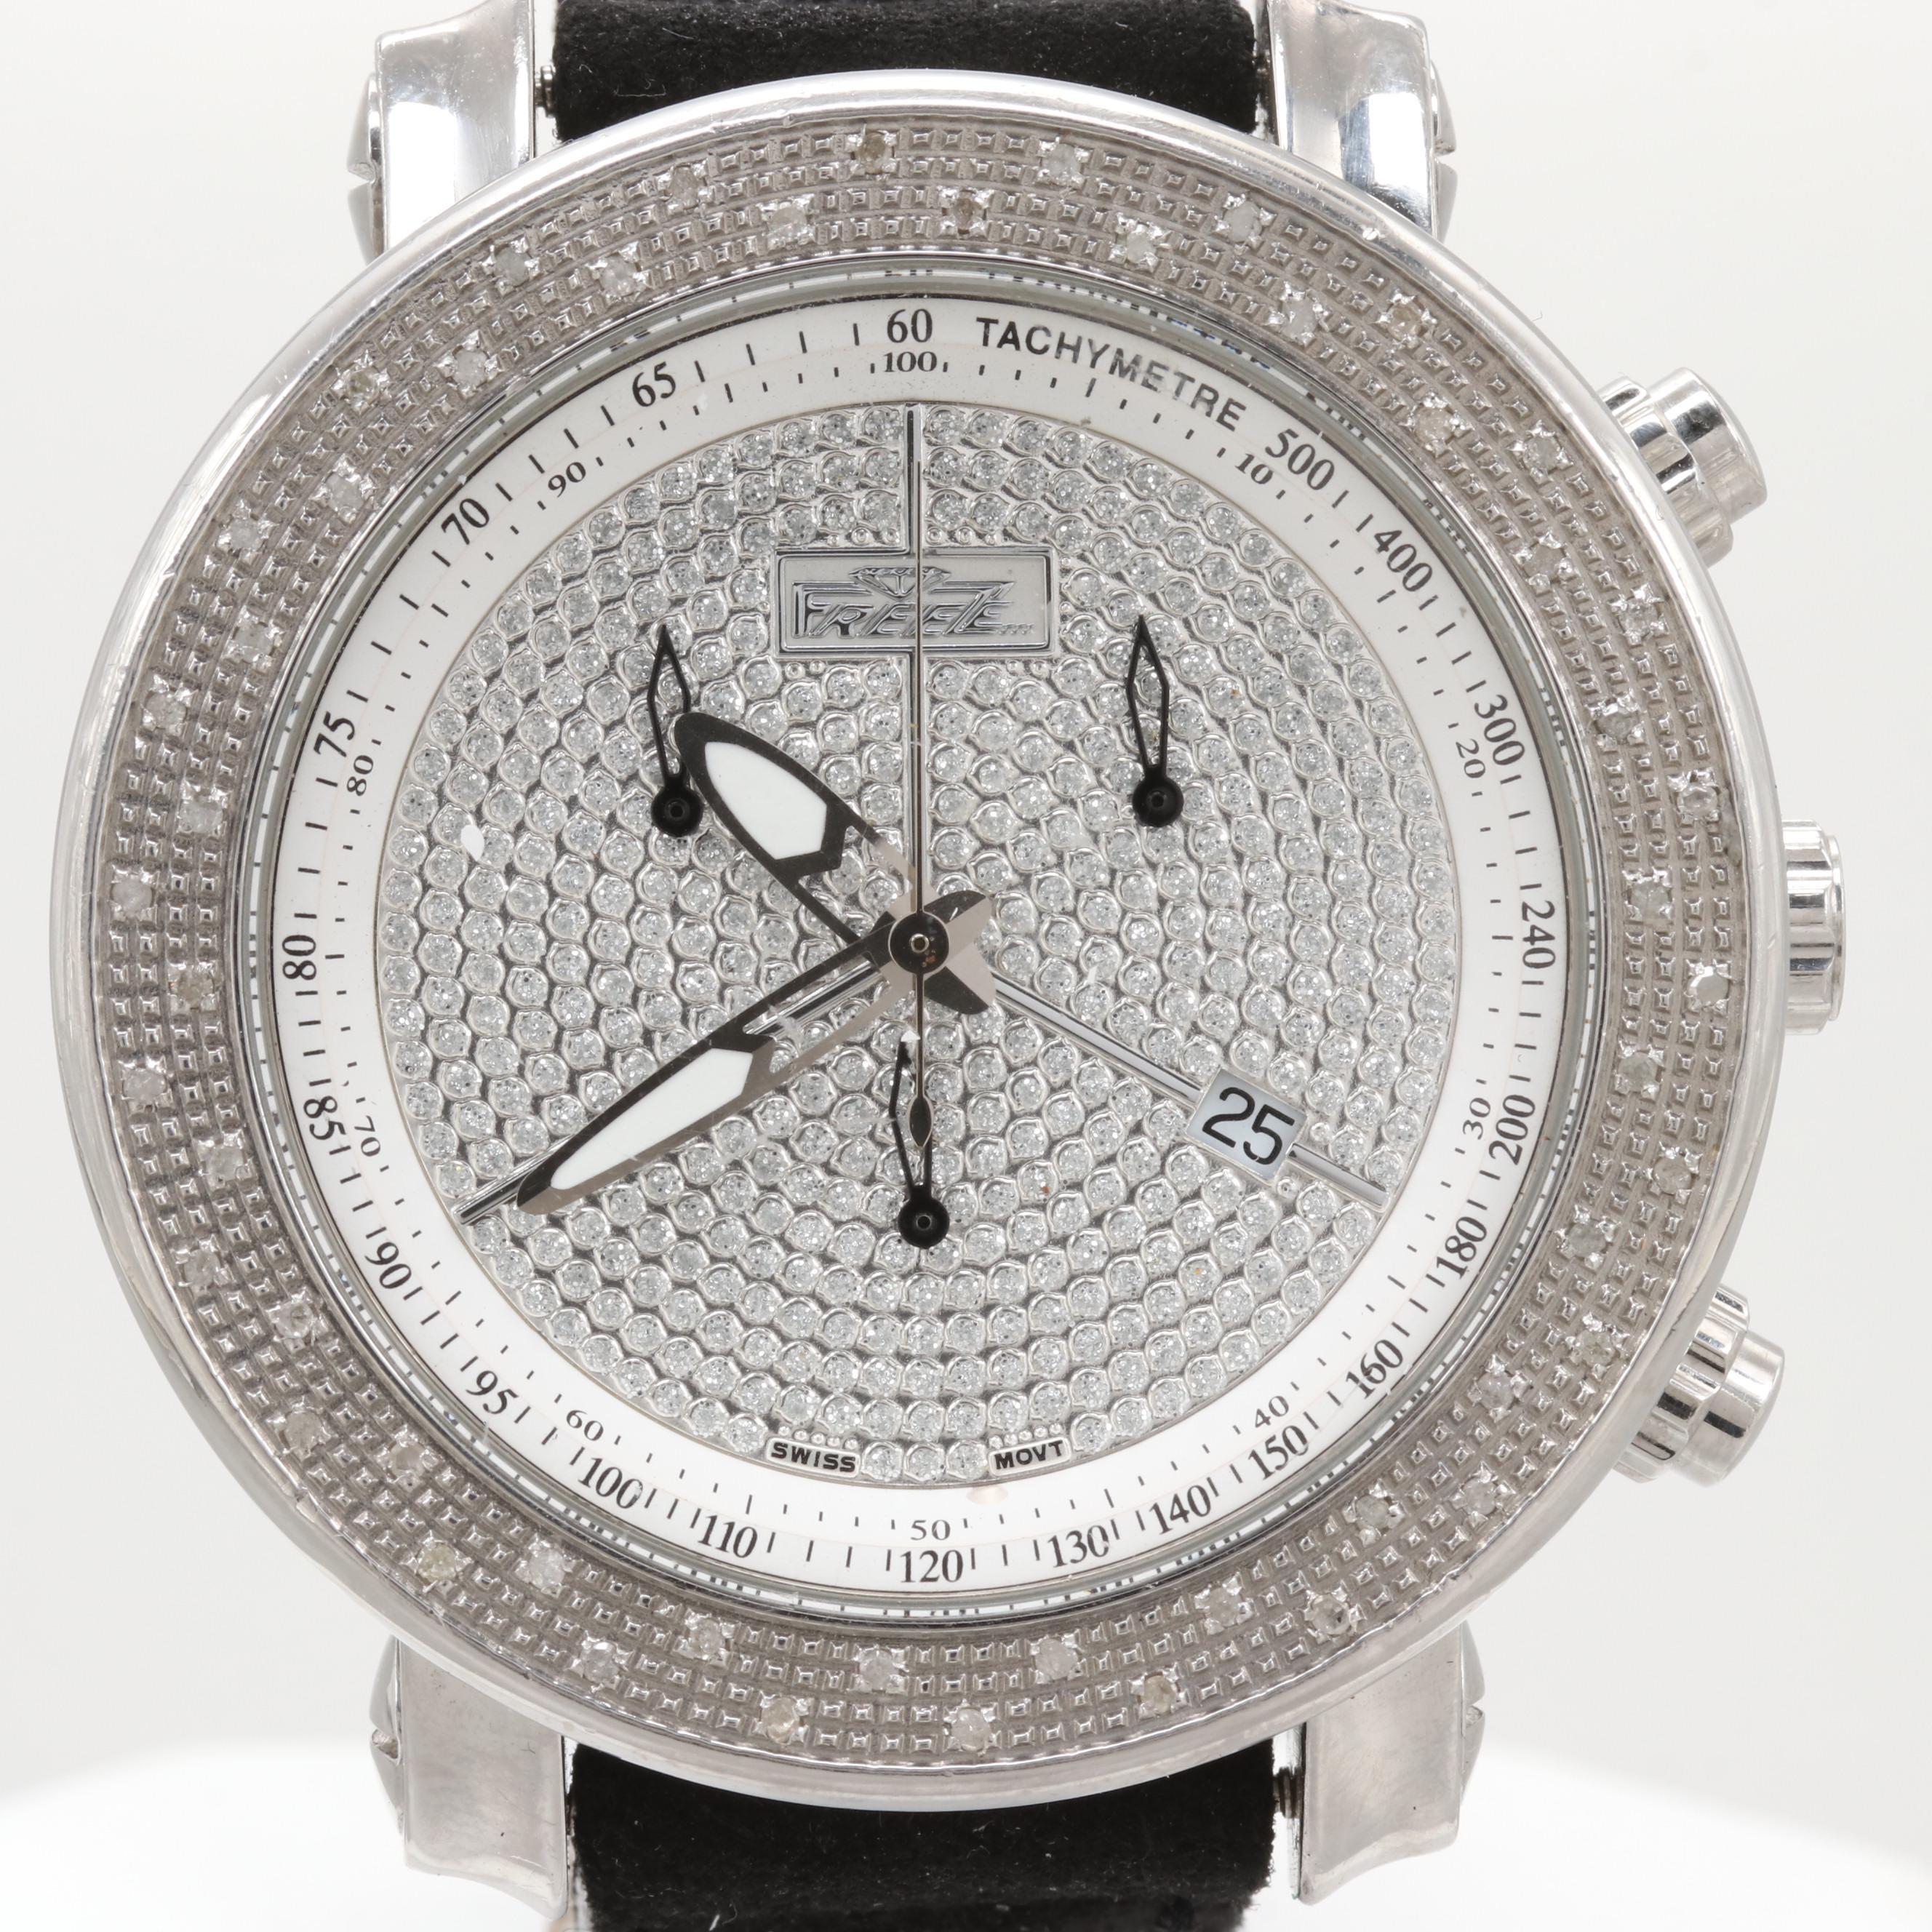 Freeze Diamond Chronograph Wristwatch With Date Window